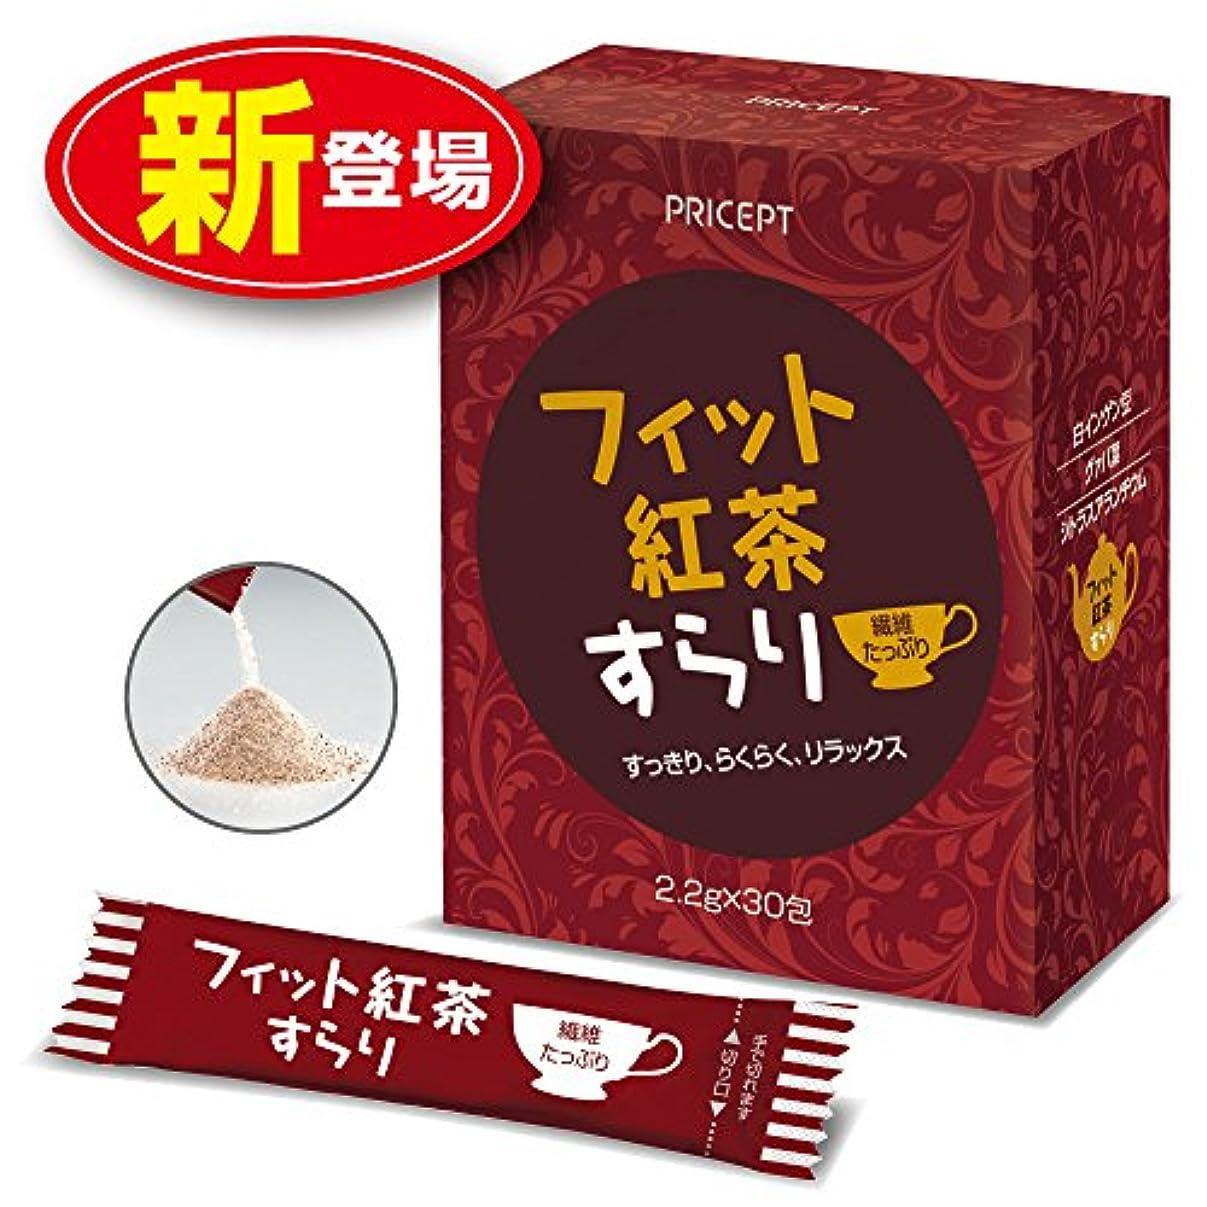 数綺麗な怒るプリセプト フィット紅茶すらり(30包)【単品】(食物繊維配合ダイエットサポート紅茶)